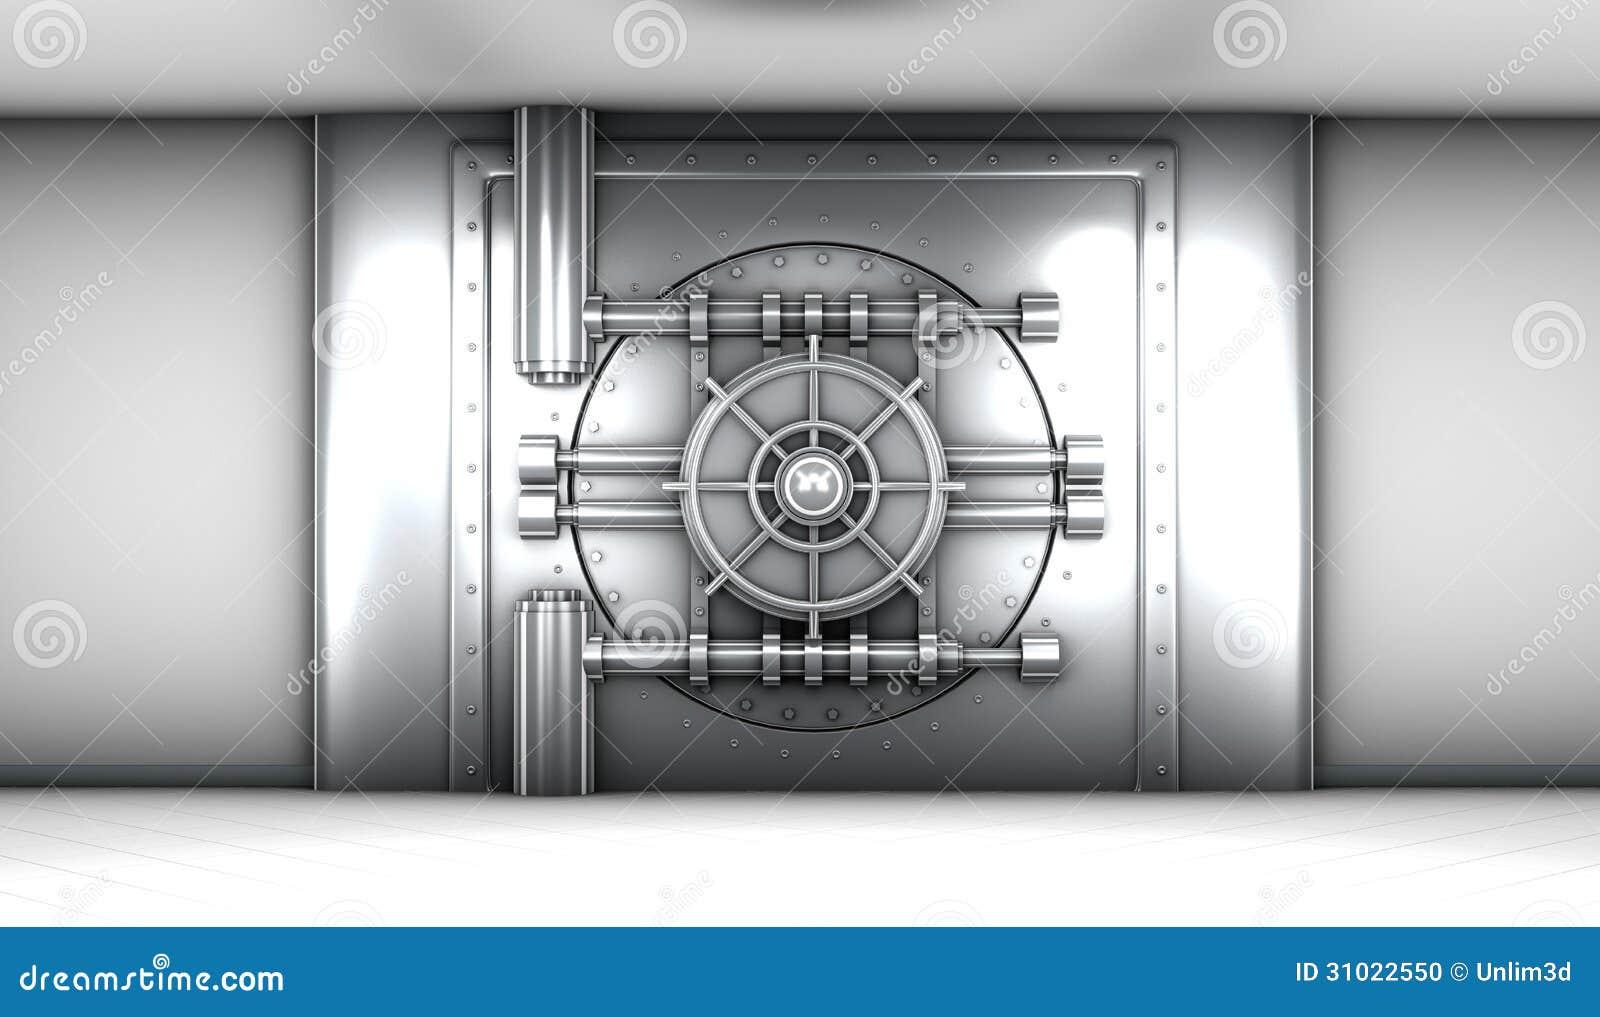 of bank vault door front view stock photo